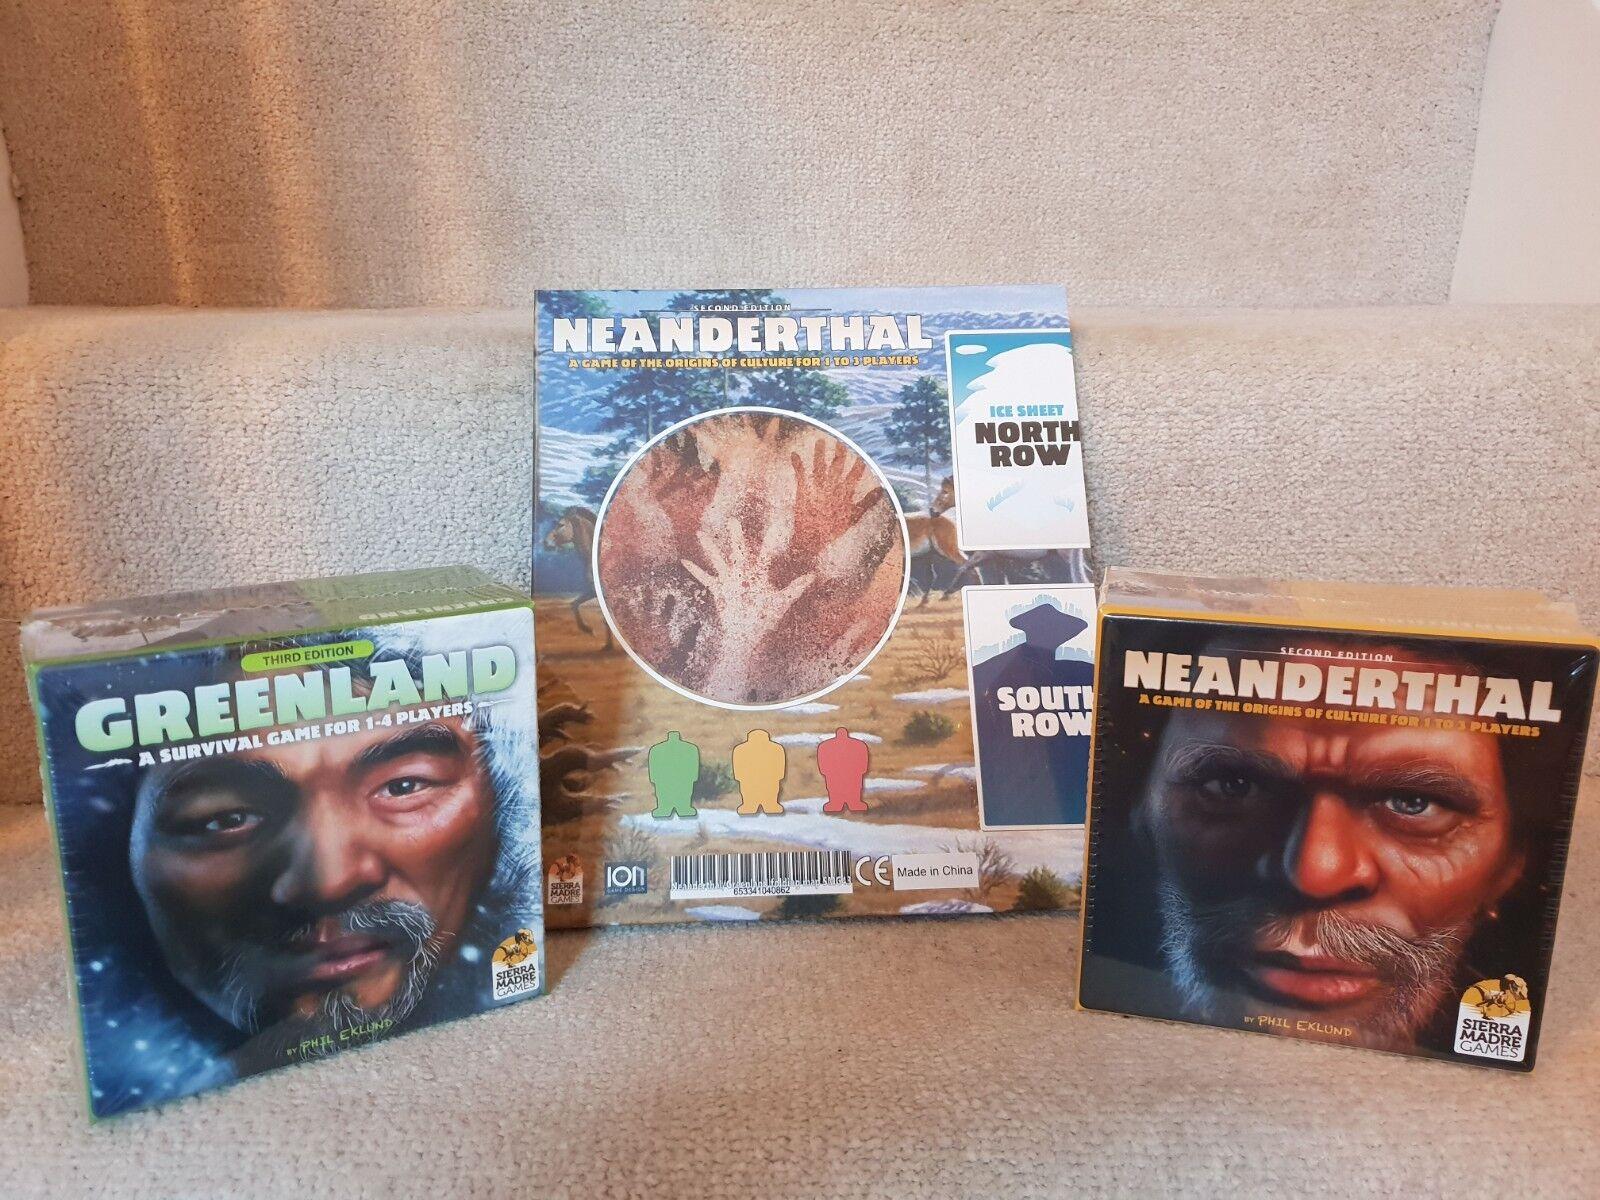 Neandertal & GROENLAND Board Games + double-face jeu de pédale de démarrage nouveau